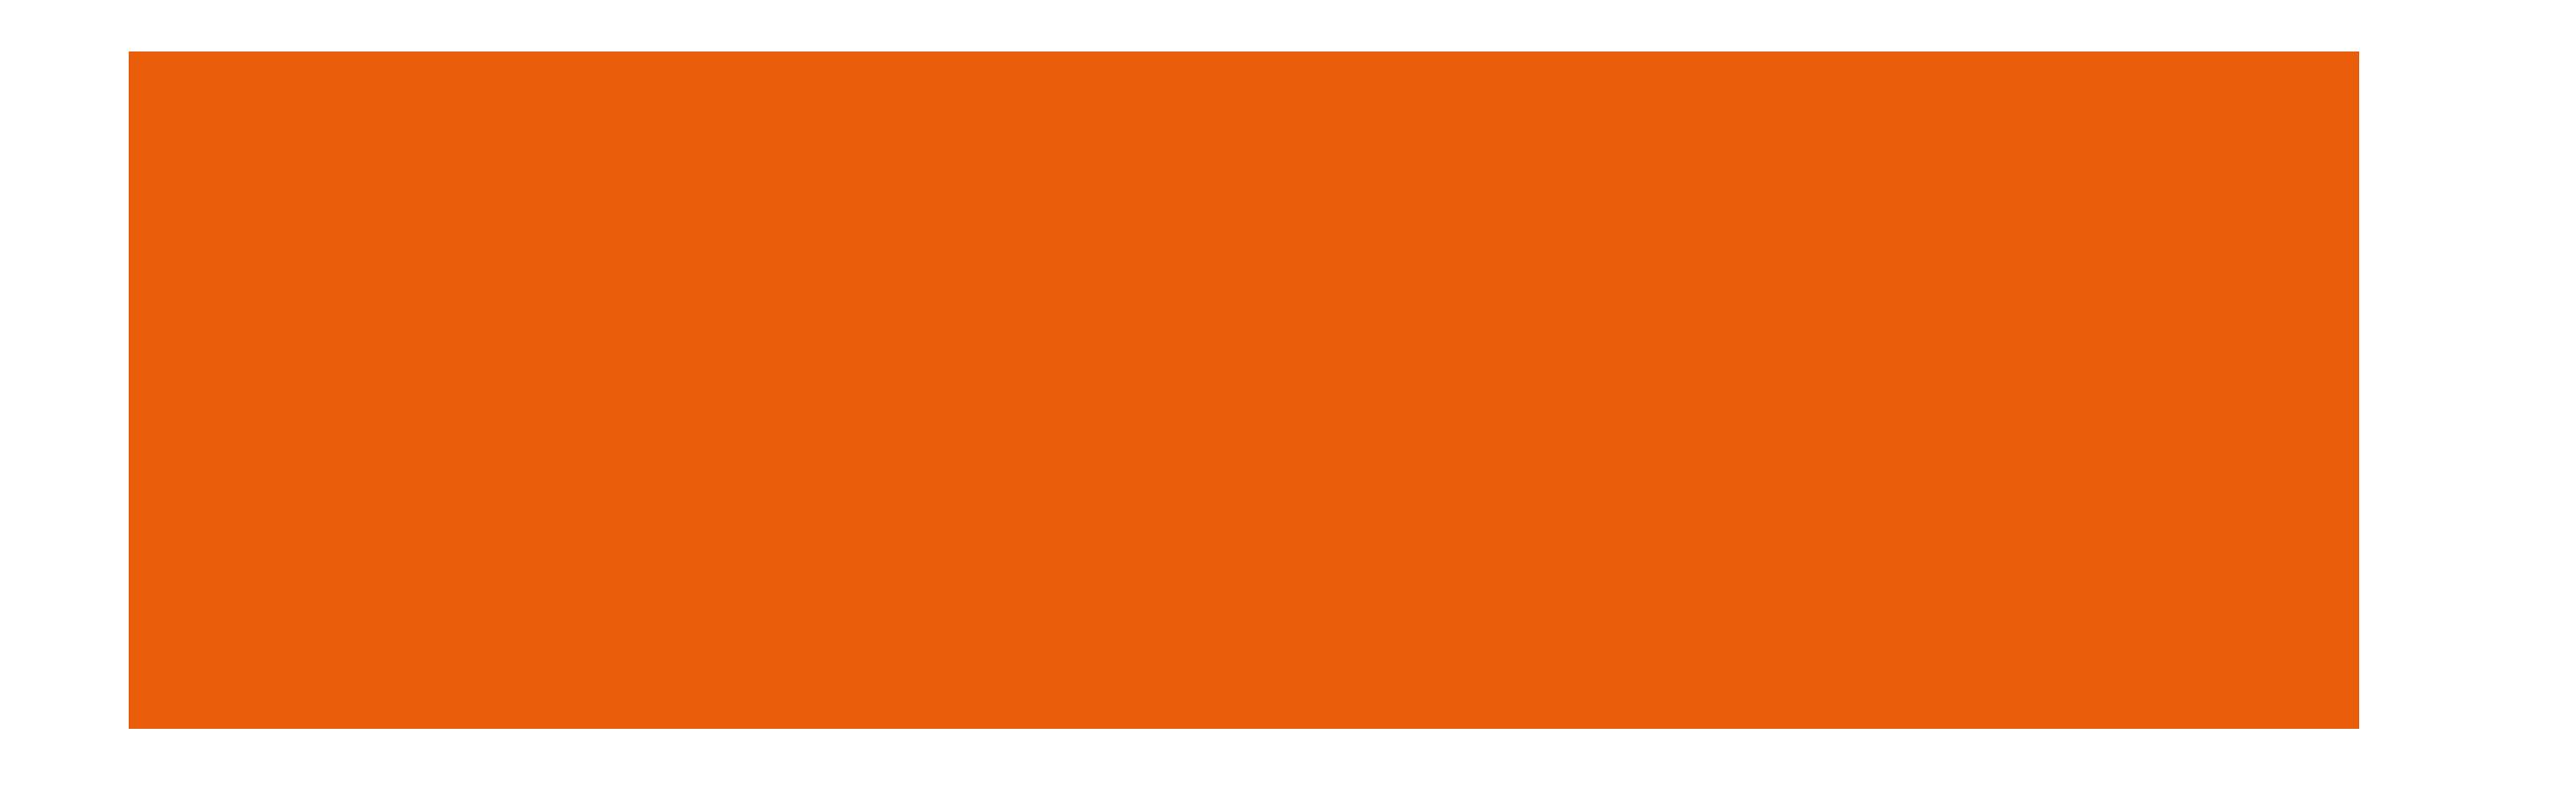 LTA open court disability tennis logo